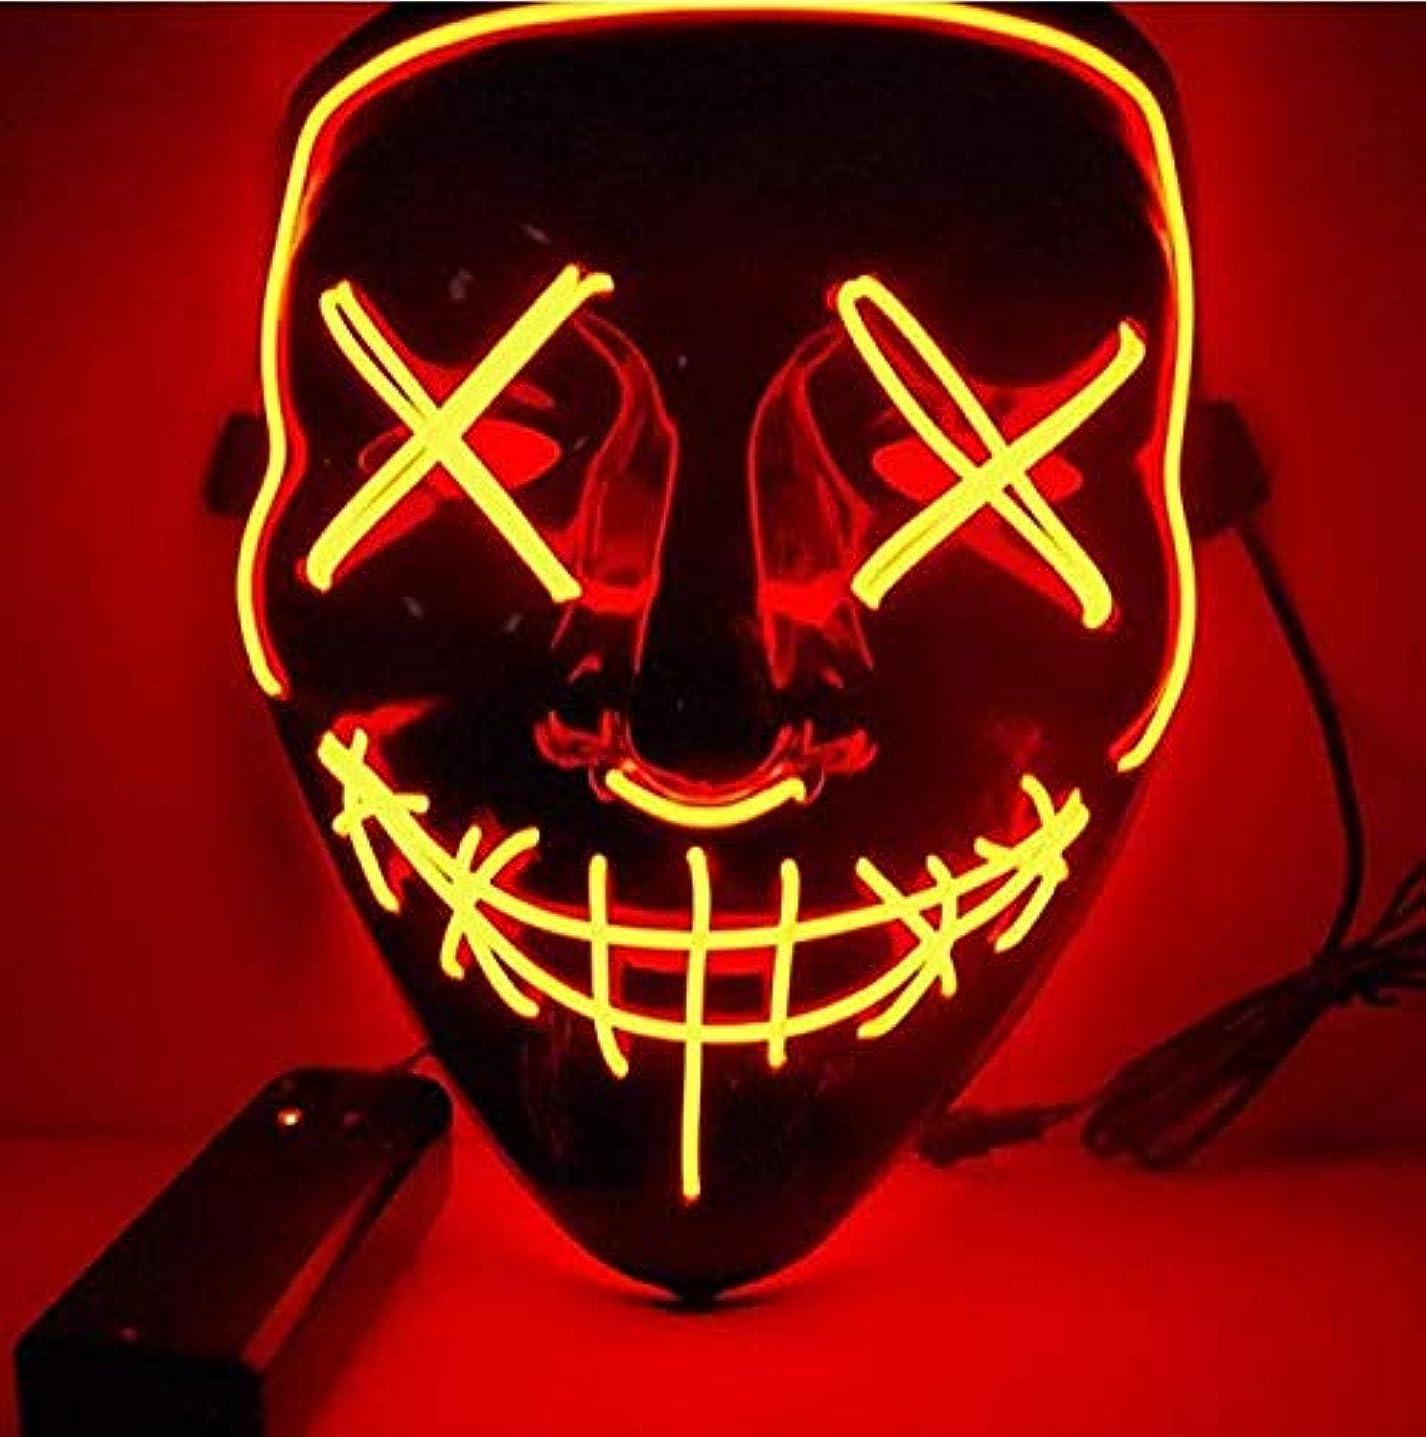 抗議状態ローラーハロウィンマスクLEDライトアップパーティーマスクコスプレコスチュームサプライ暗闇で光る (Color : ROSE RED)